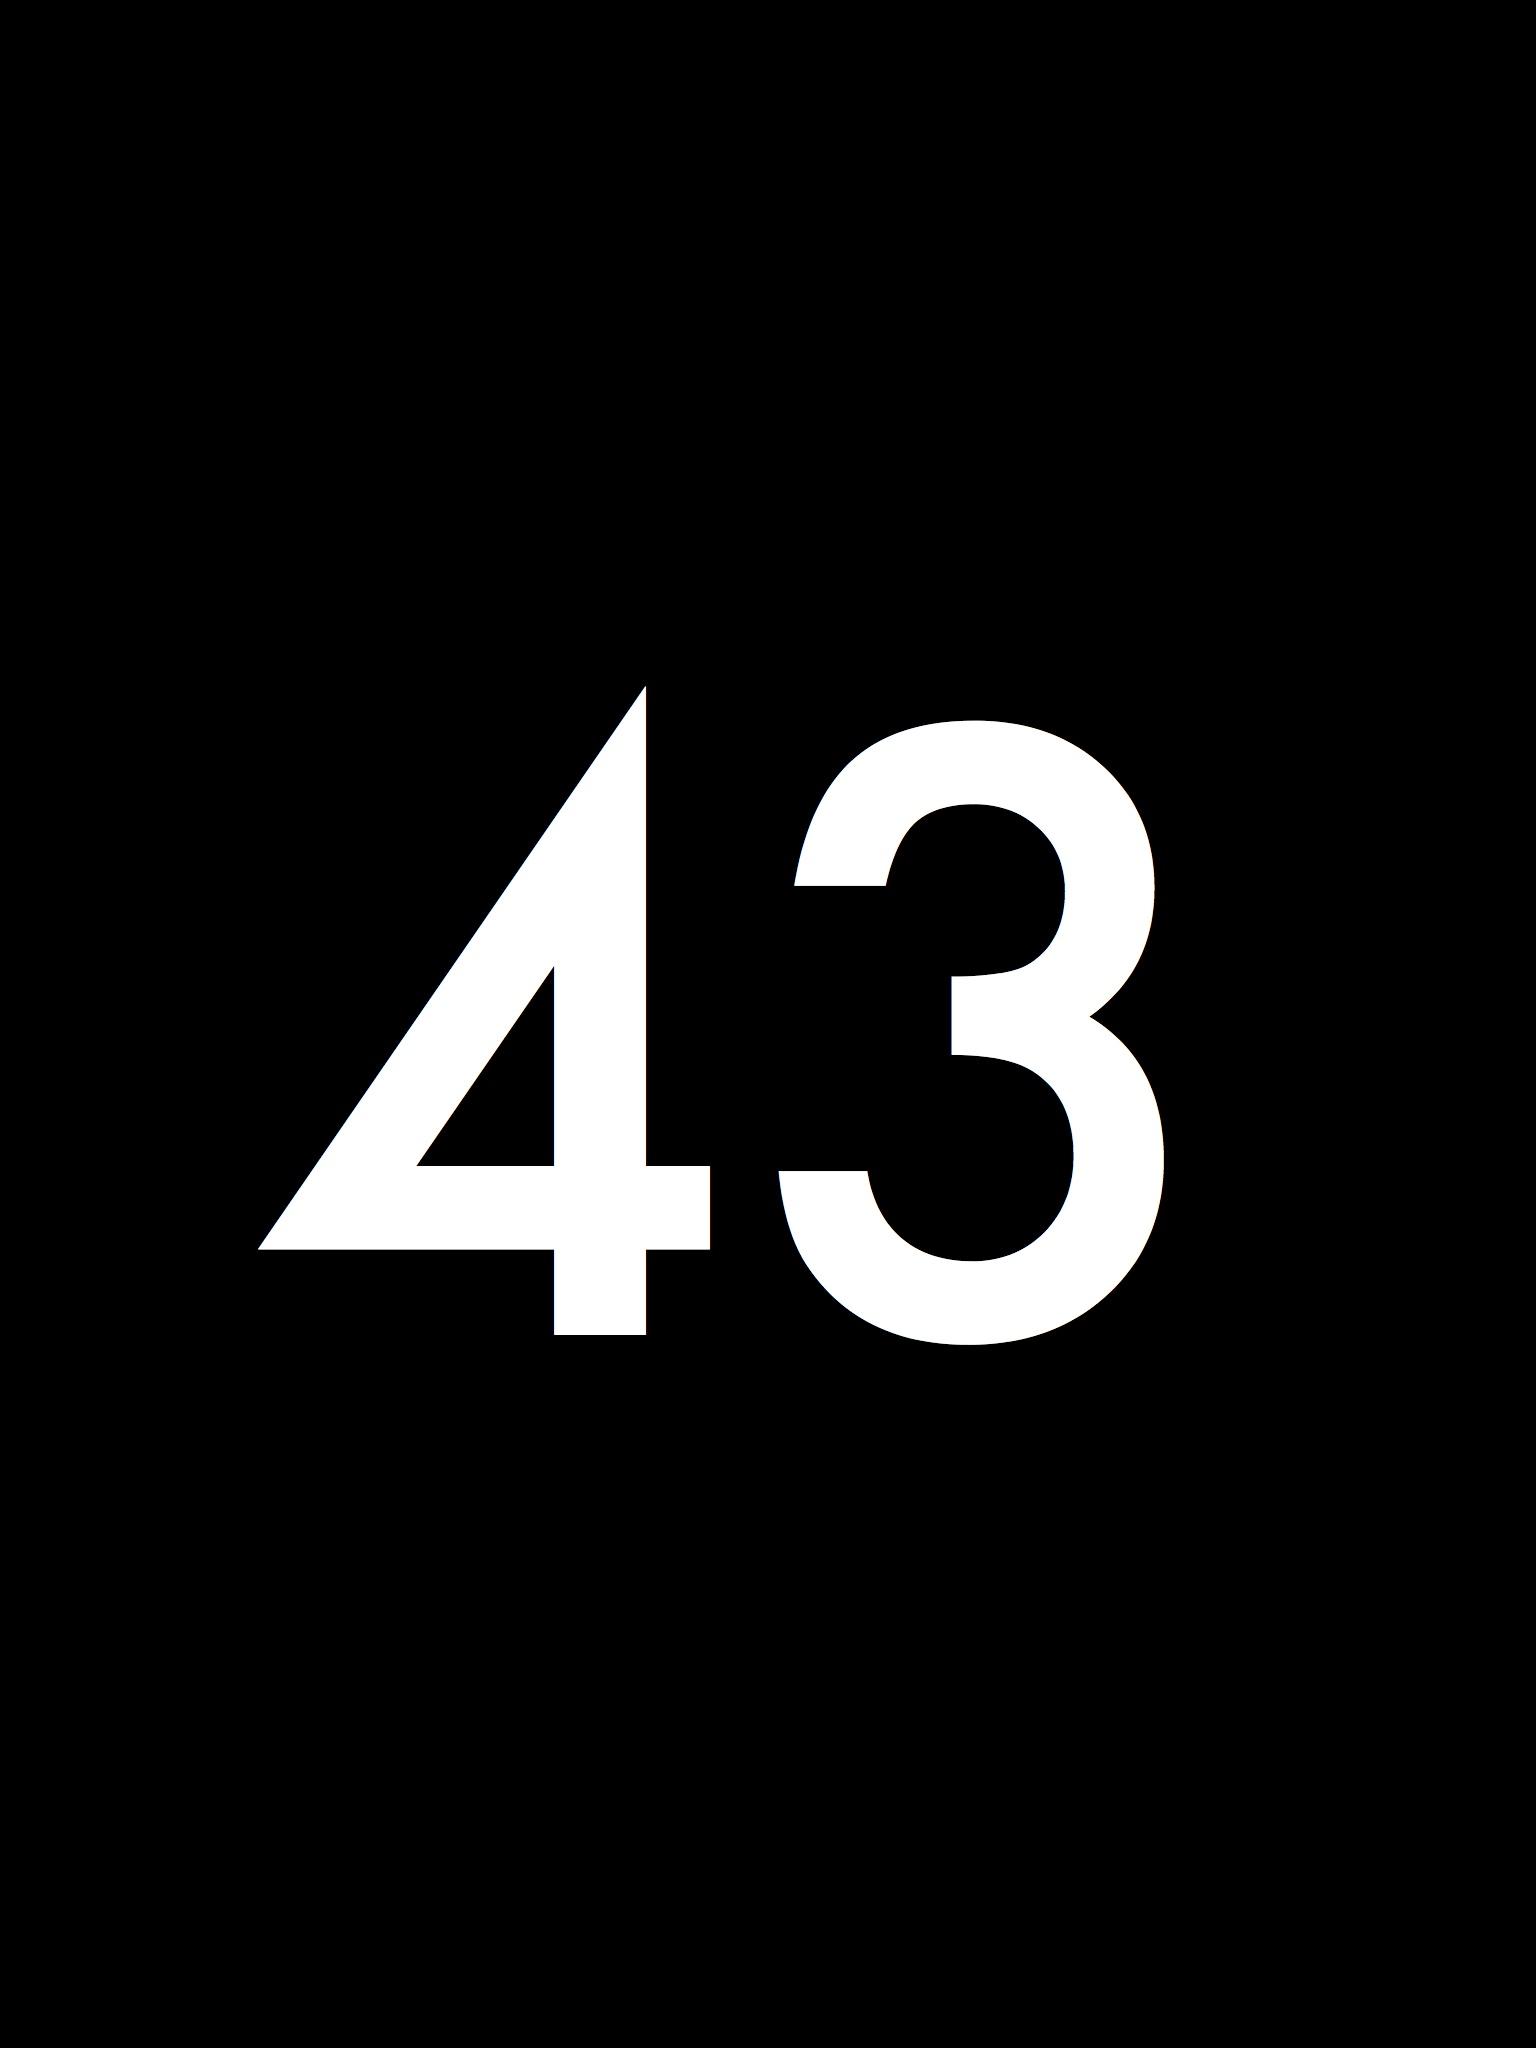 Black_Number.043.jpg